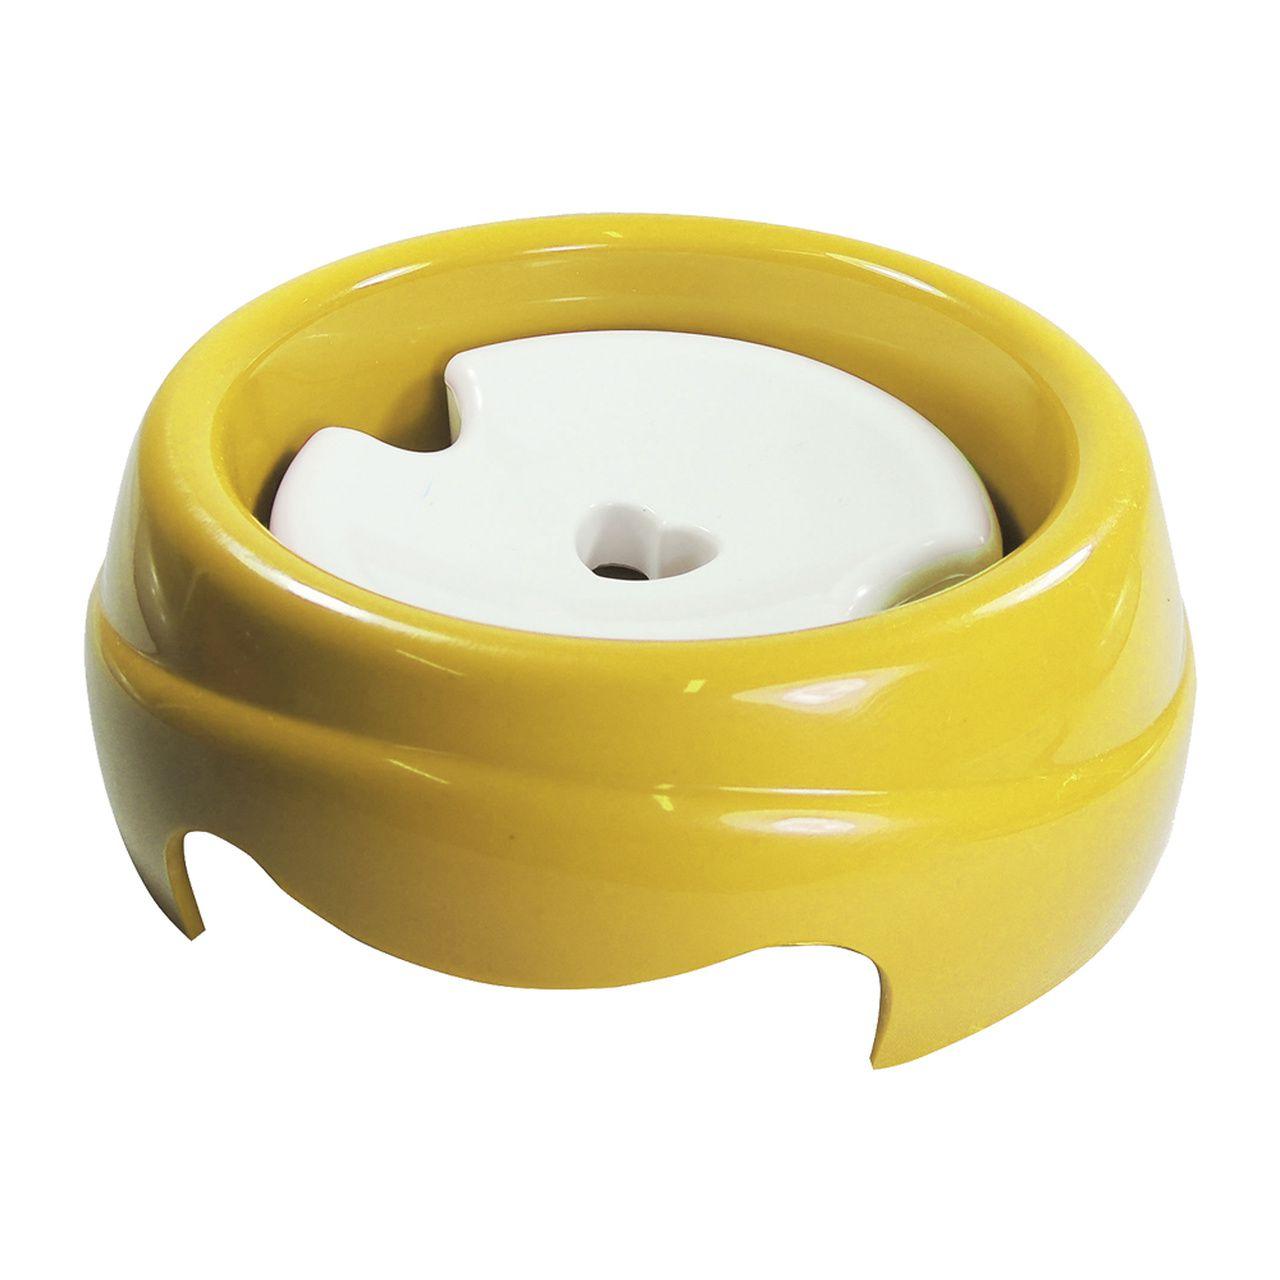 Bebedouro Furacão Pet de Plástico Especial para Cães de Pelos Longos - Amarelo